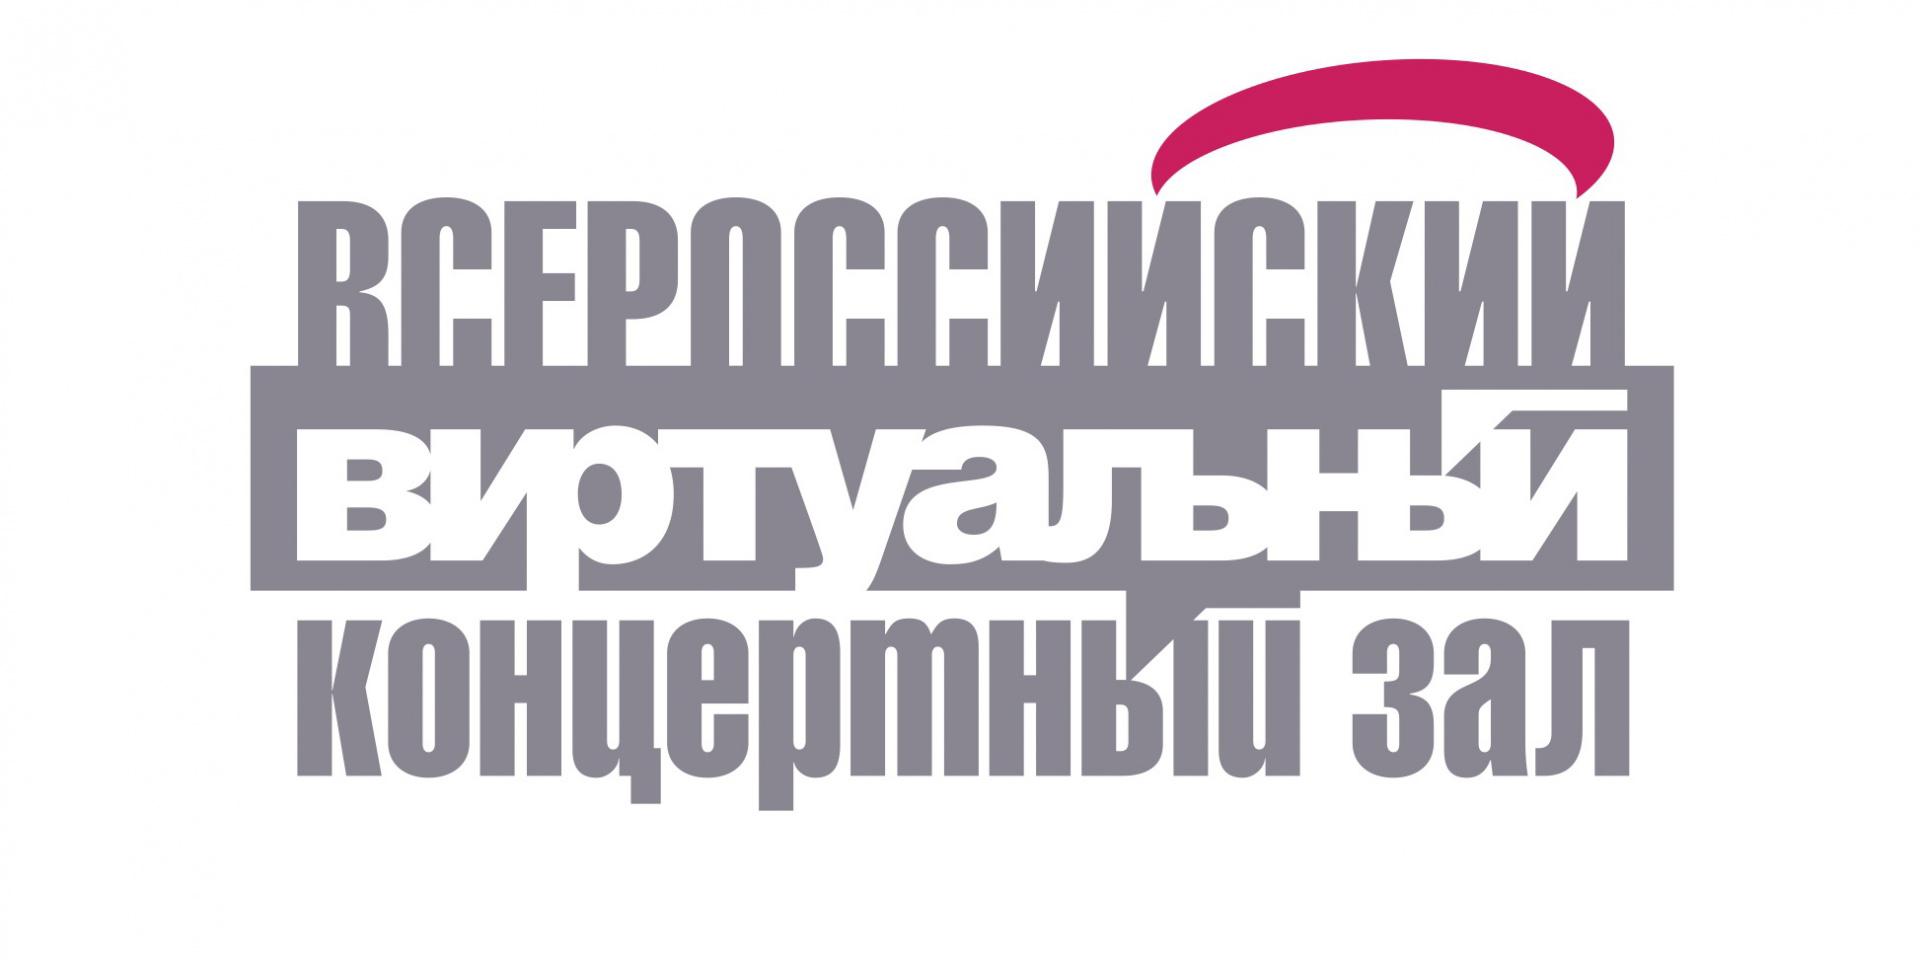 В Новочеркасской музыкальной школе появится виртуальный концертный зал